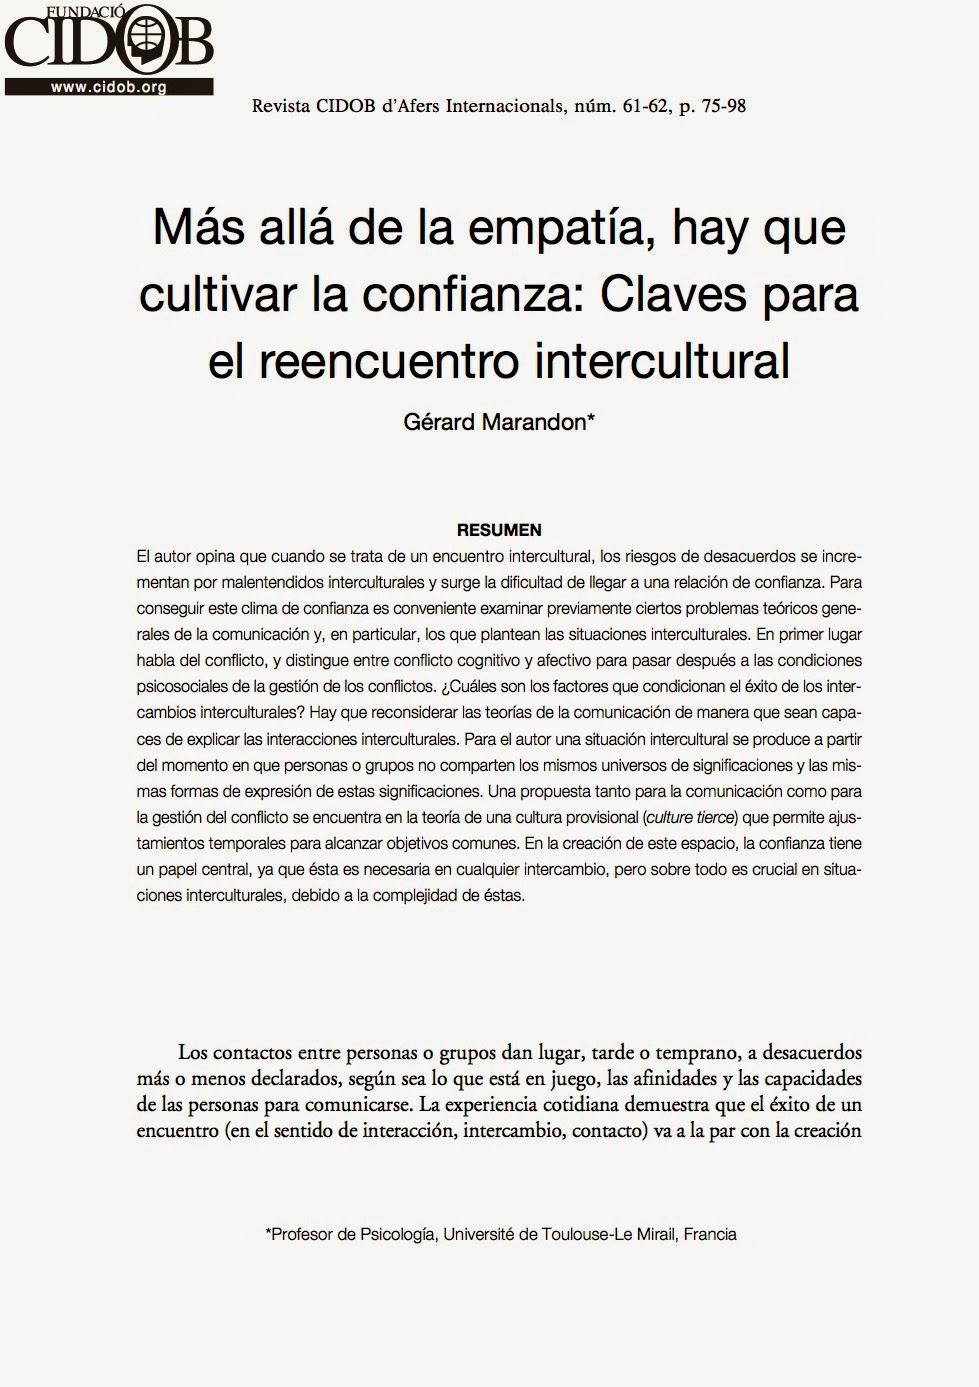 Más allá de la empatía, hay que cultivar la confianza: Claves para el reencuentro intercultural